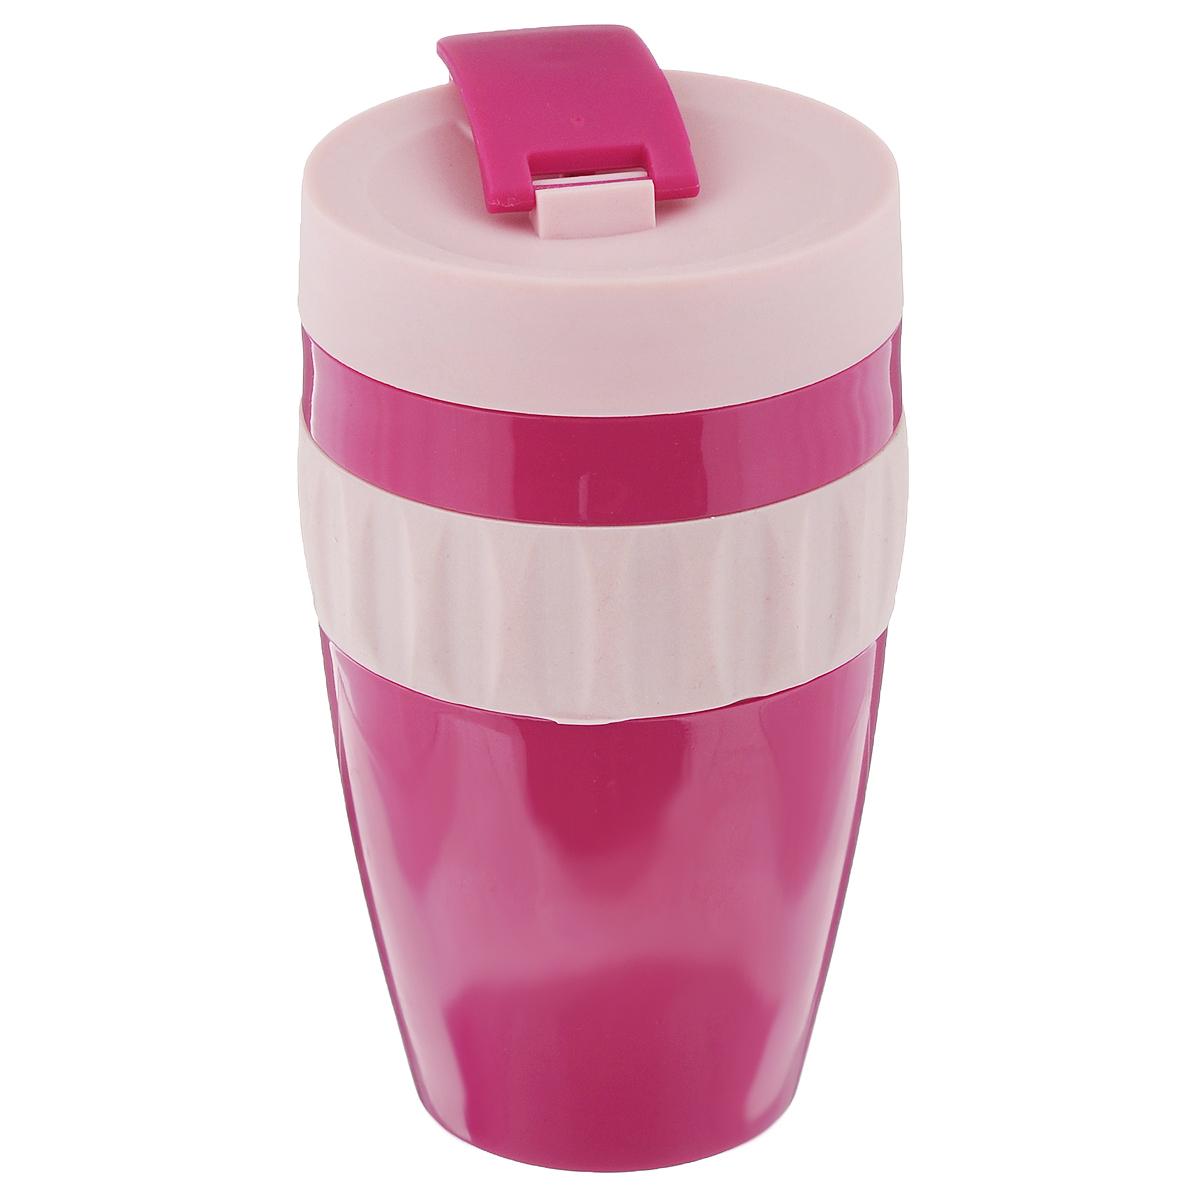 Кружка Sagaform для напитков на вынос, цвет: лиловый, розовый, 400 мл5017247Кружка Sagaform для напитков на вынос, выполненная из пищевого пластика, оснащена отвинчивающейся крышкой со специальным клапаном. Благодаря такой крышке кружку можно брать с собой в дорогу или на прогулку. Резиновая вставка на корпусе изделия предотвращает скольжение в руках. Объем: 400 мл. Диаметр (по верхнему краю): 7 см. Высота кружки (без учета крышки): 13 см.